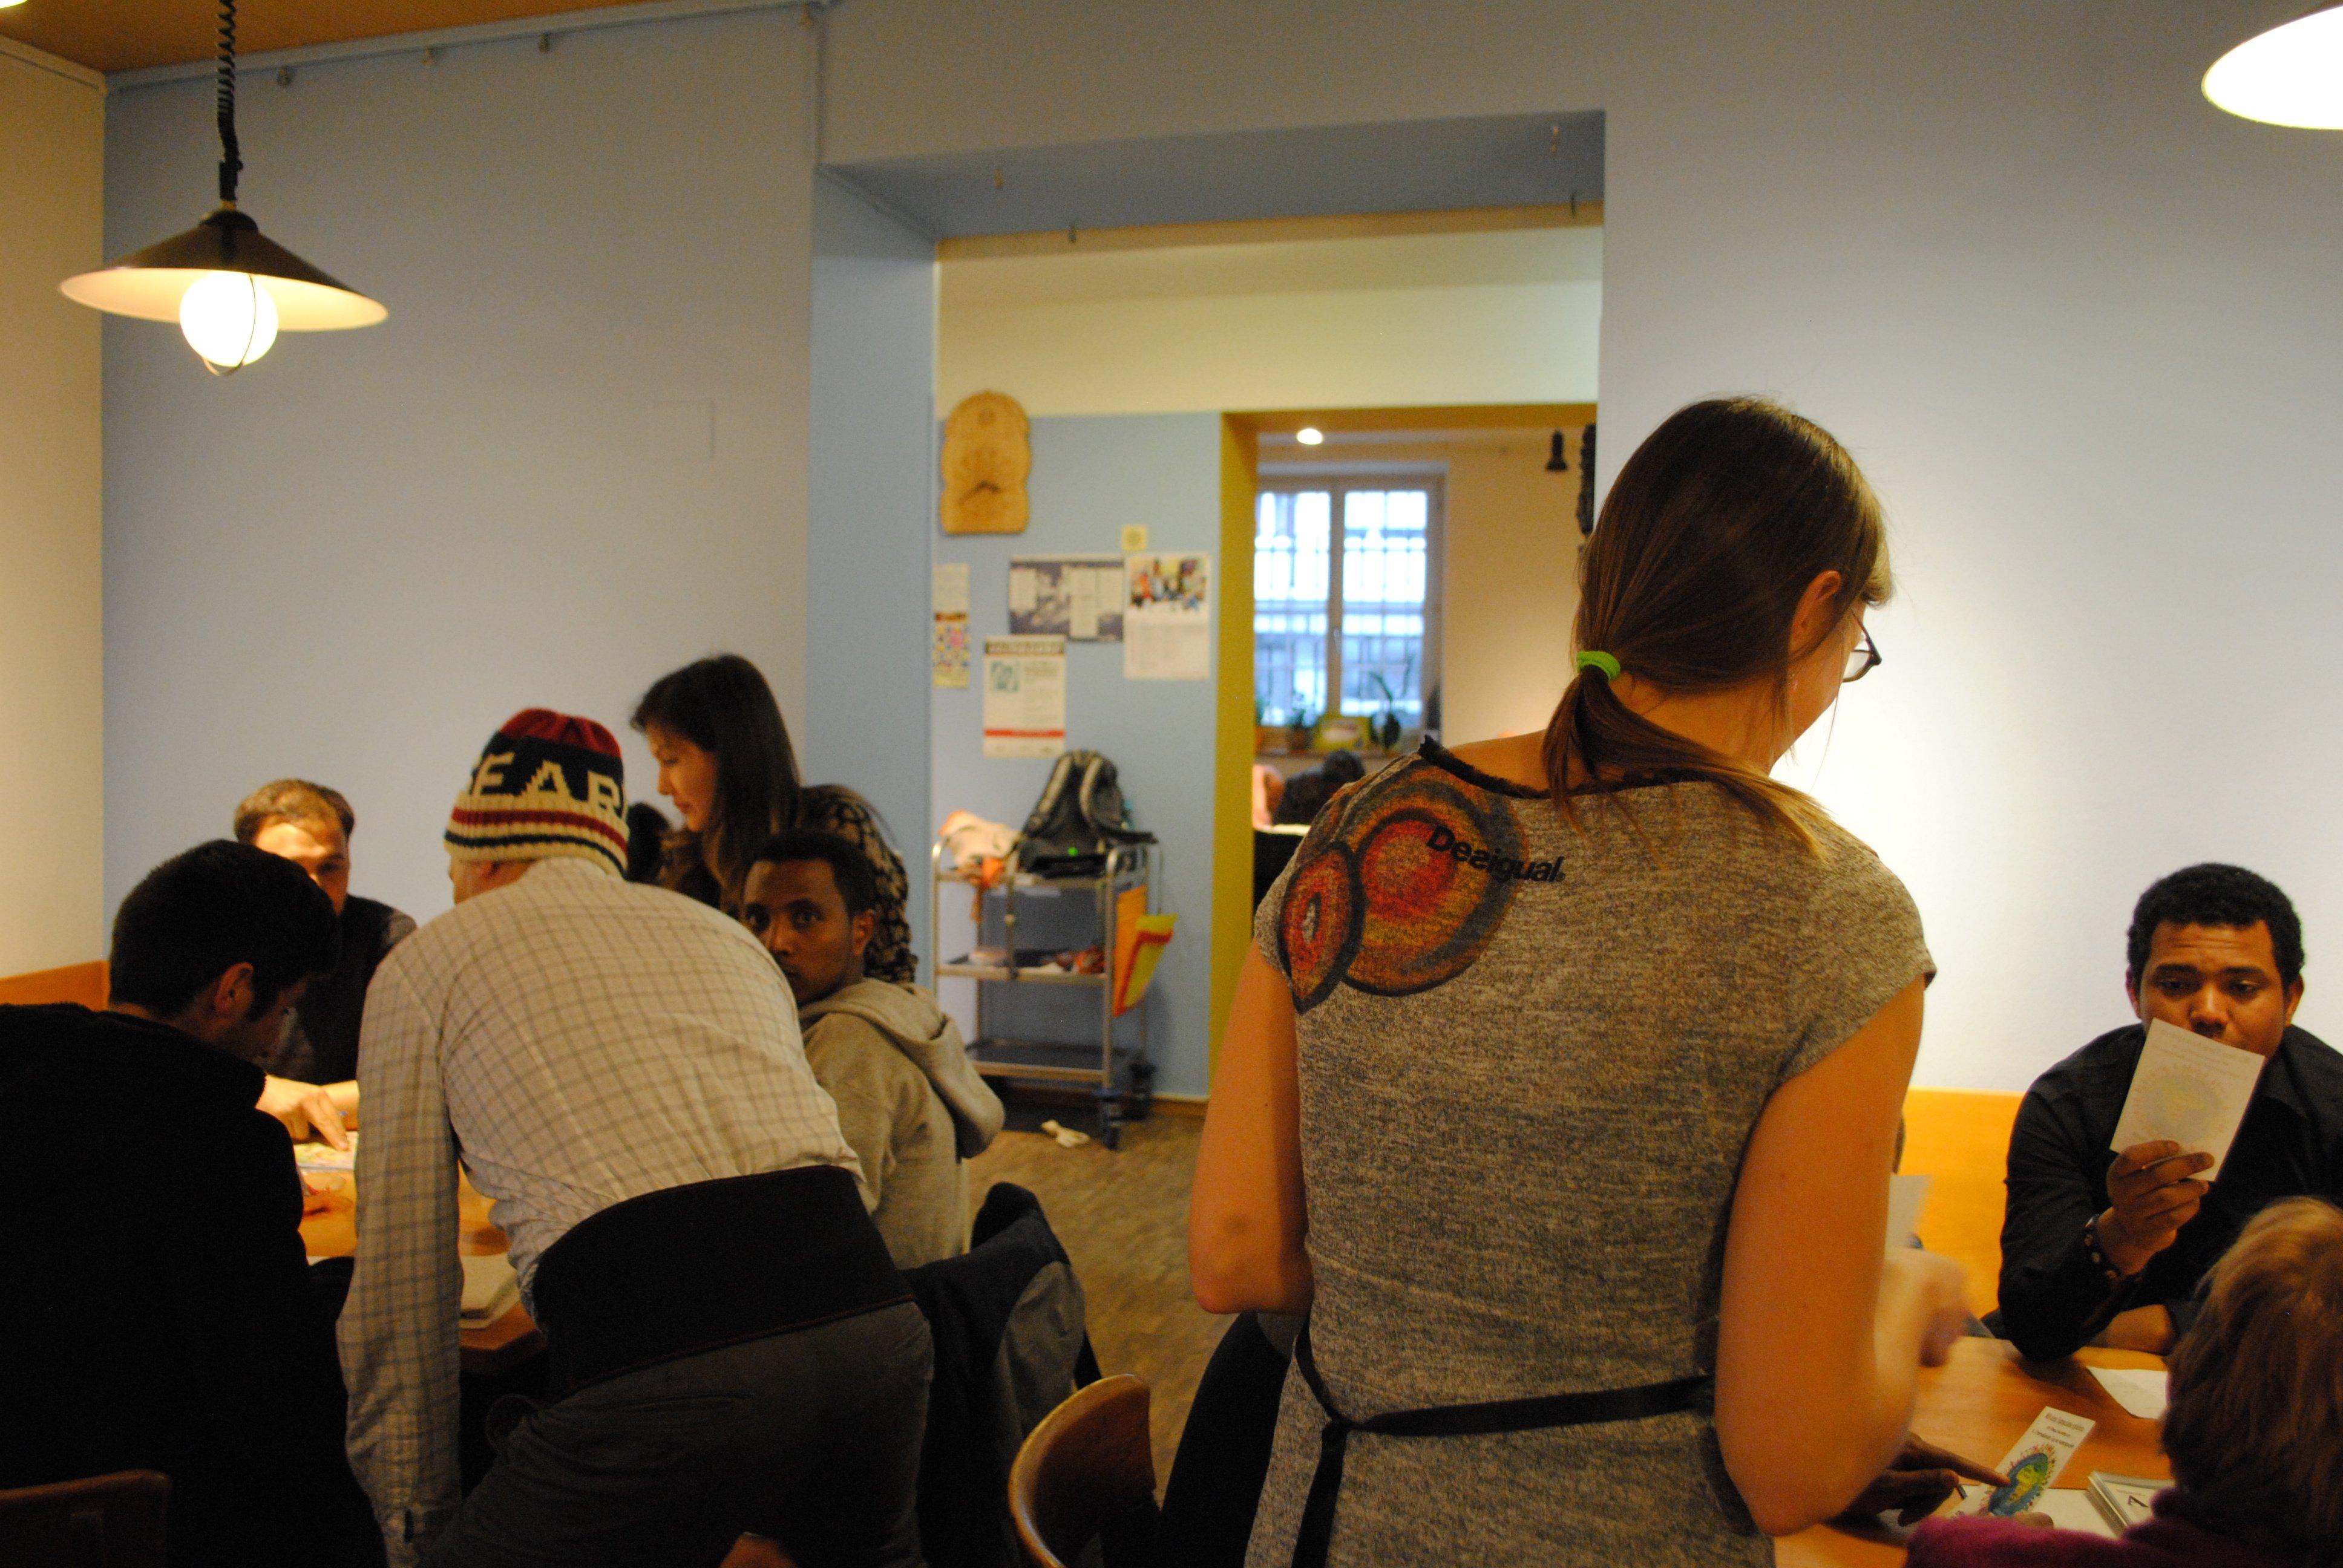 Für zahlreiche Menschen ist das Café International am Freitagnachmittag ein Ort für den Austausch und gemeinsames Lernen.